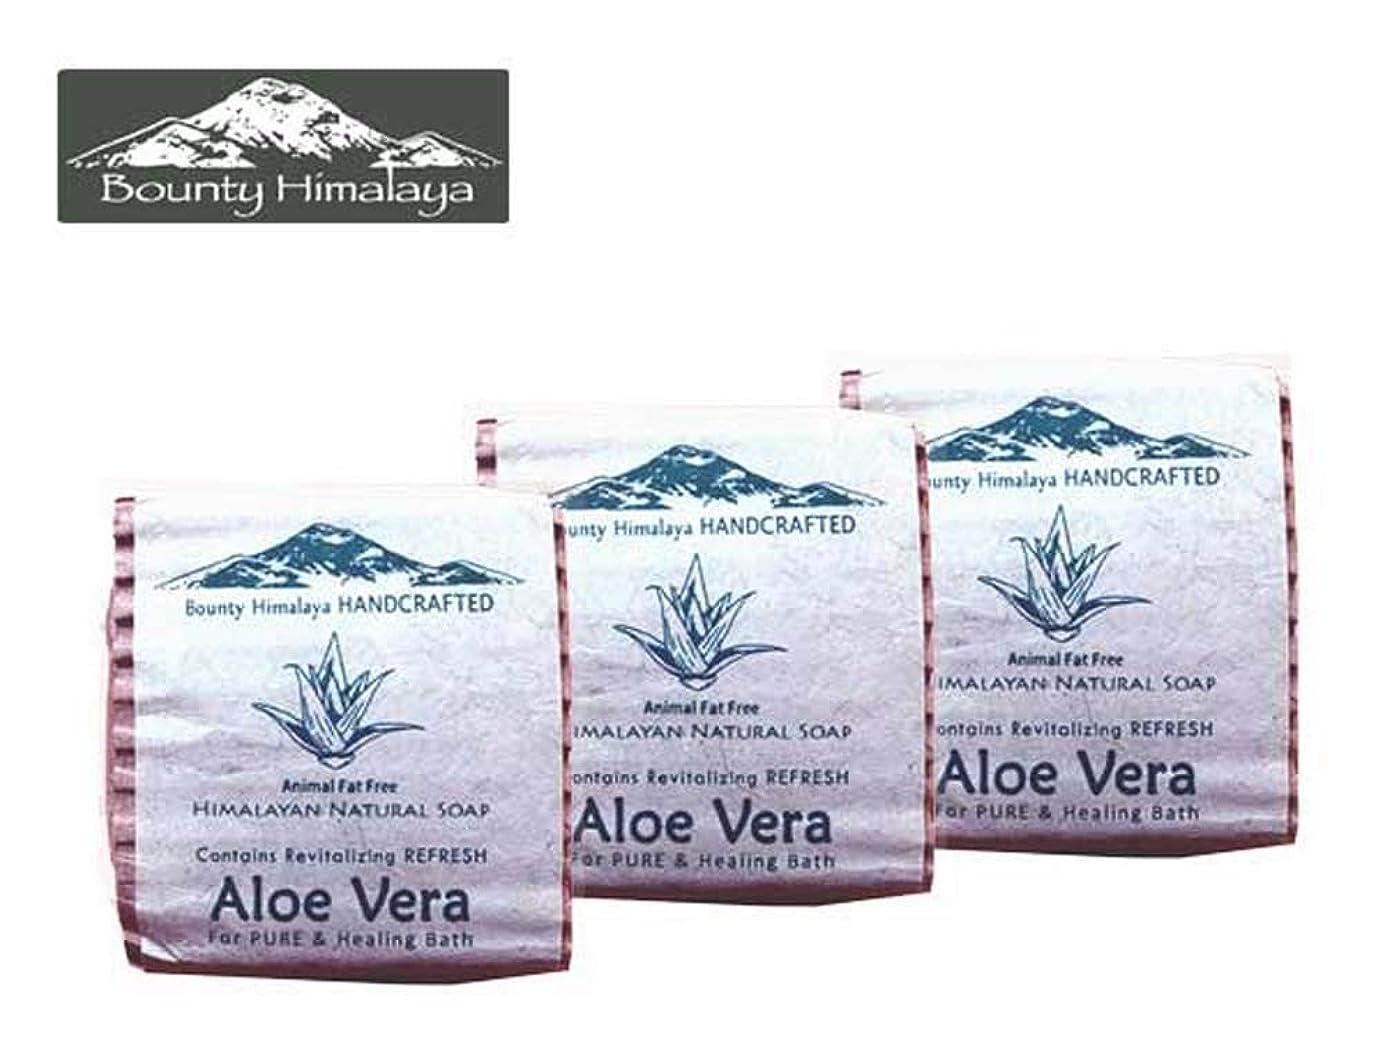 落とし穴製油所満了アーユルヴェーダ ヒマラヤ アロエベラ ソープ3セット Bounty Himalaya Aloe Vera SOAP(NEPAL AYURVEDA) 100g